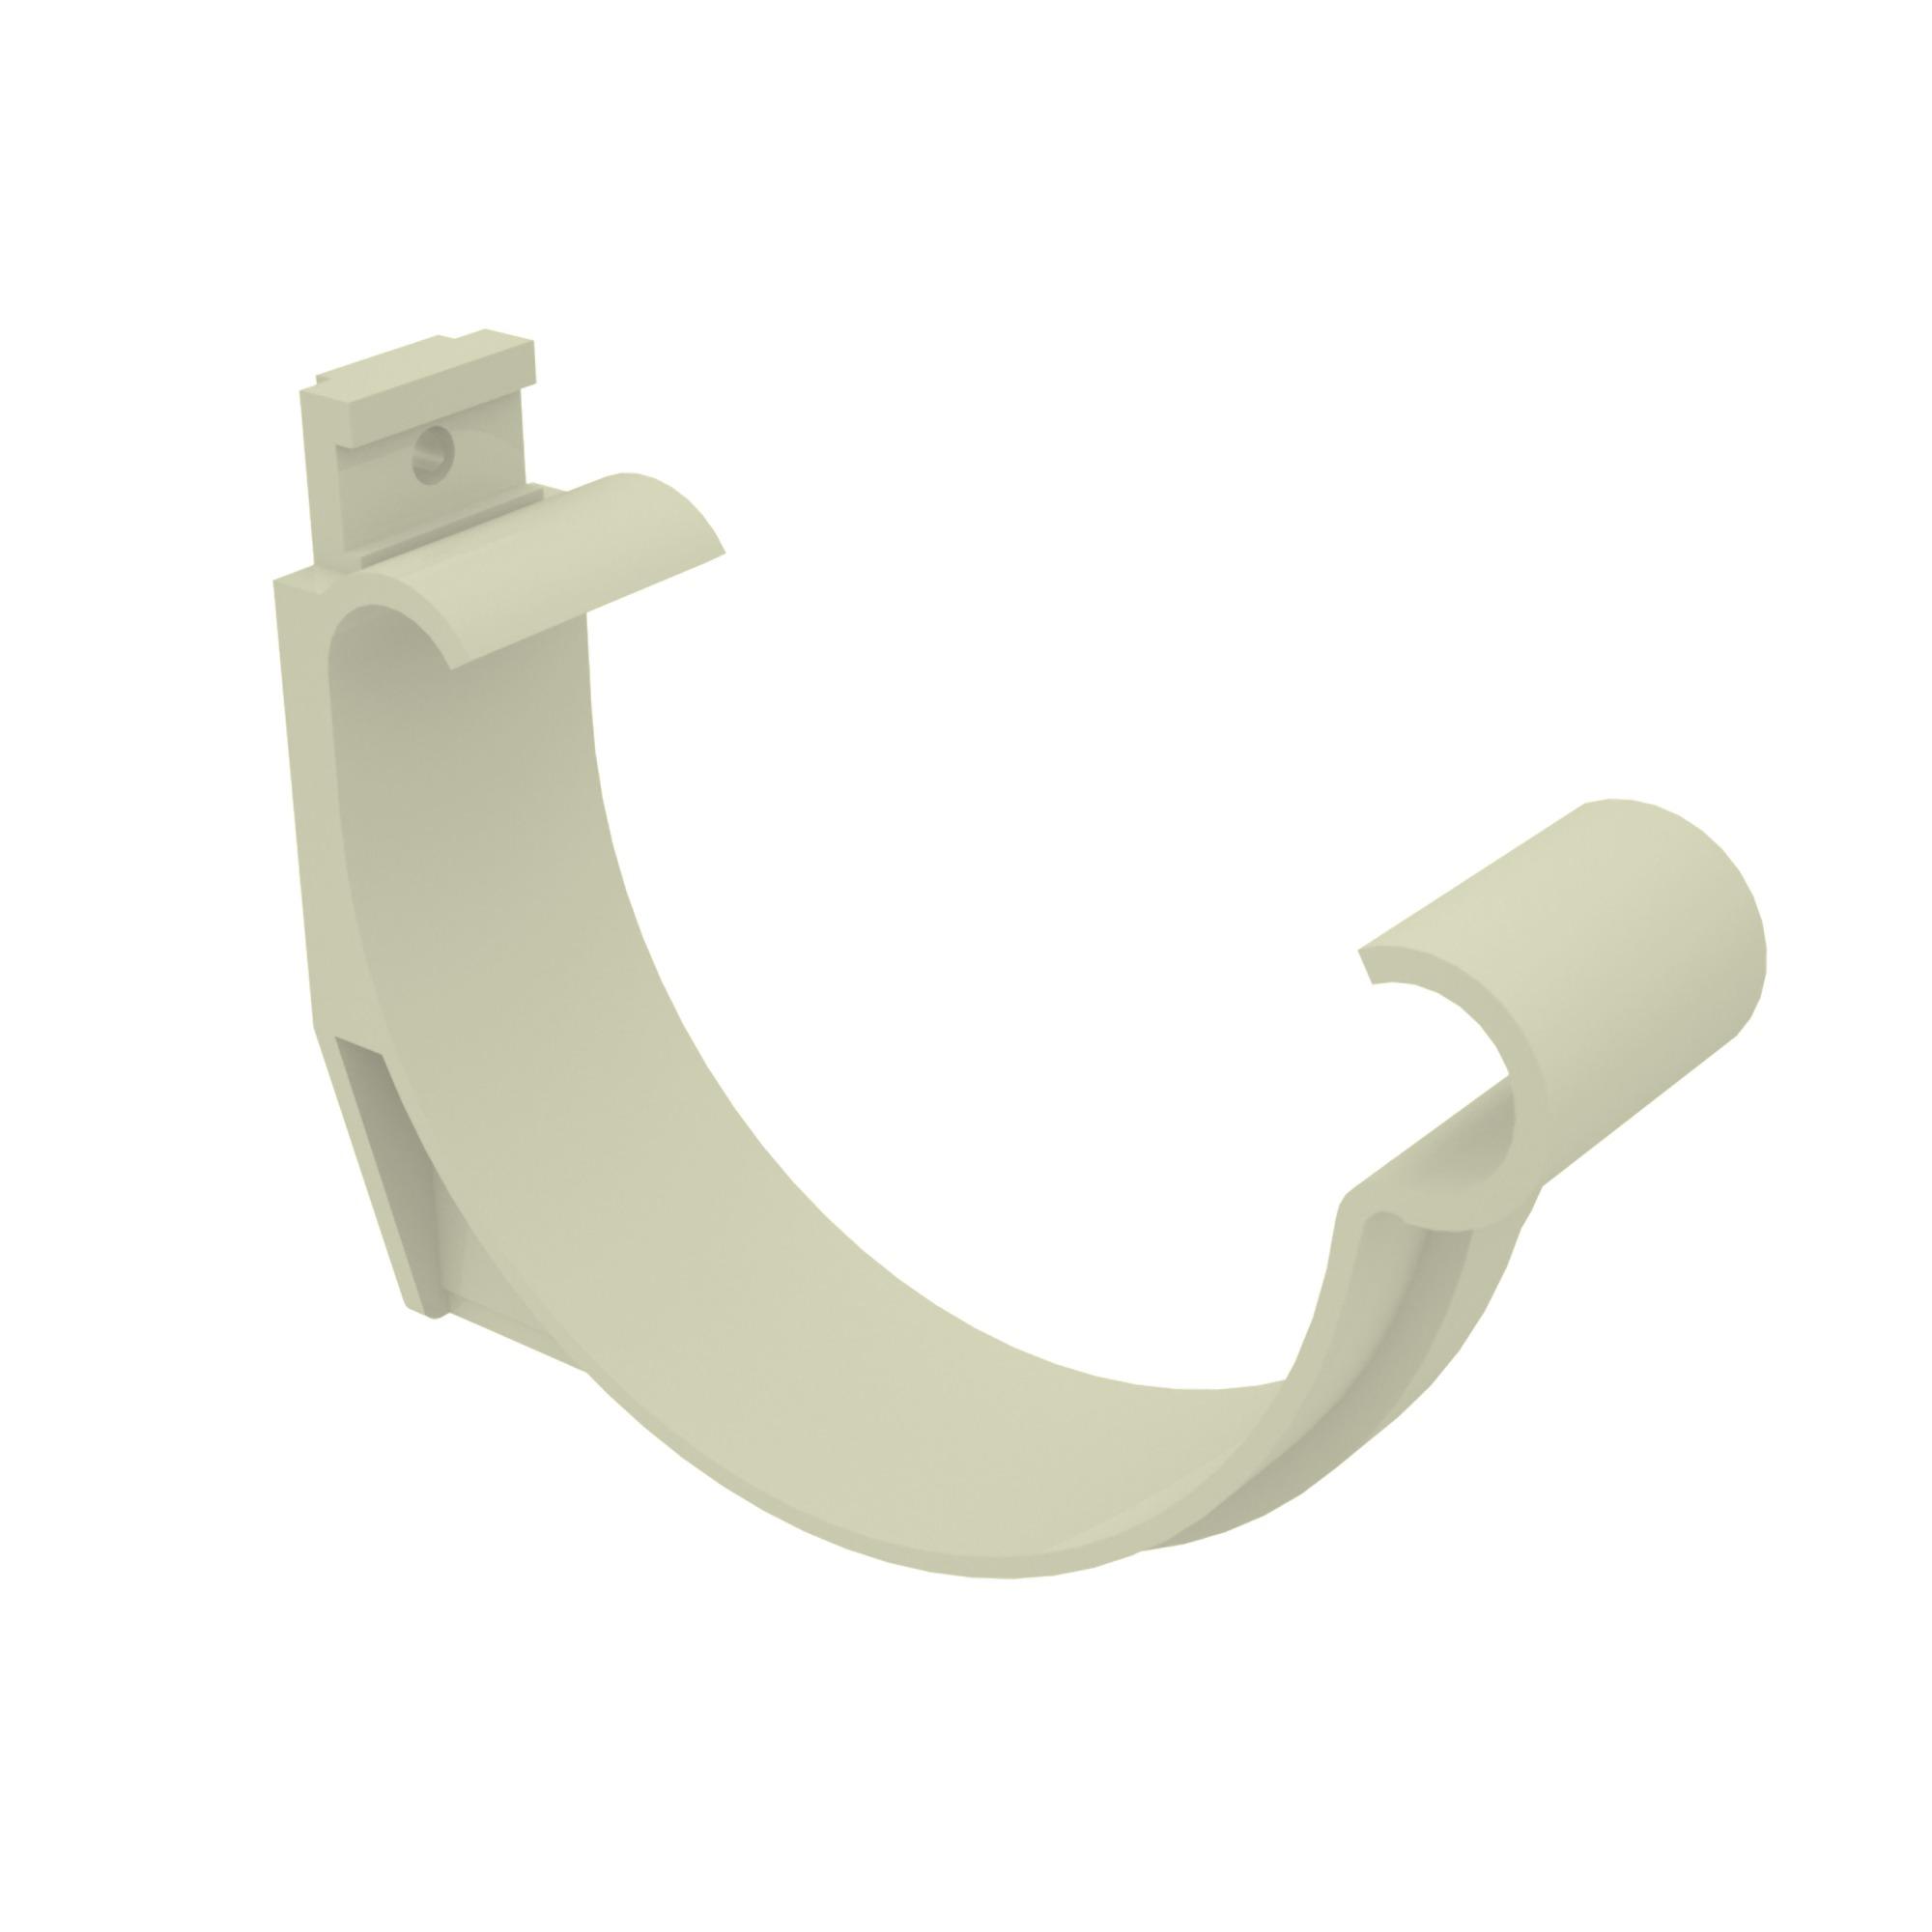 Suporte de PVC Circular 125 mm Bege - Aquapluv Tigre